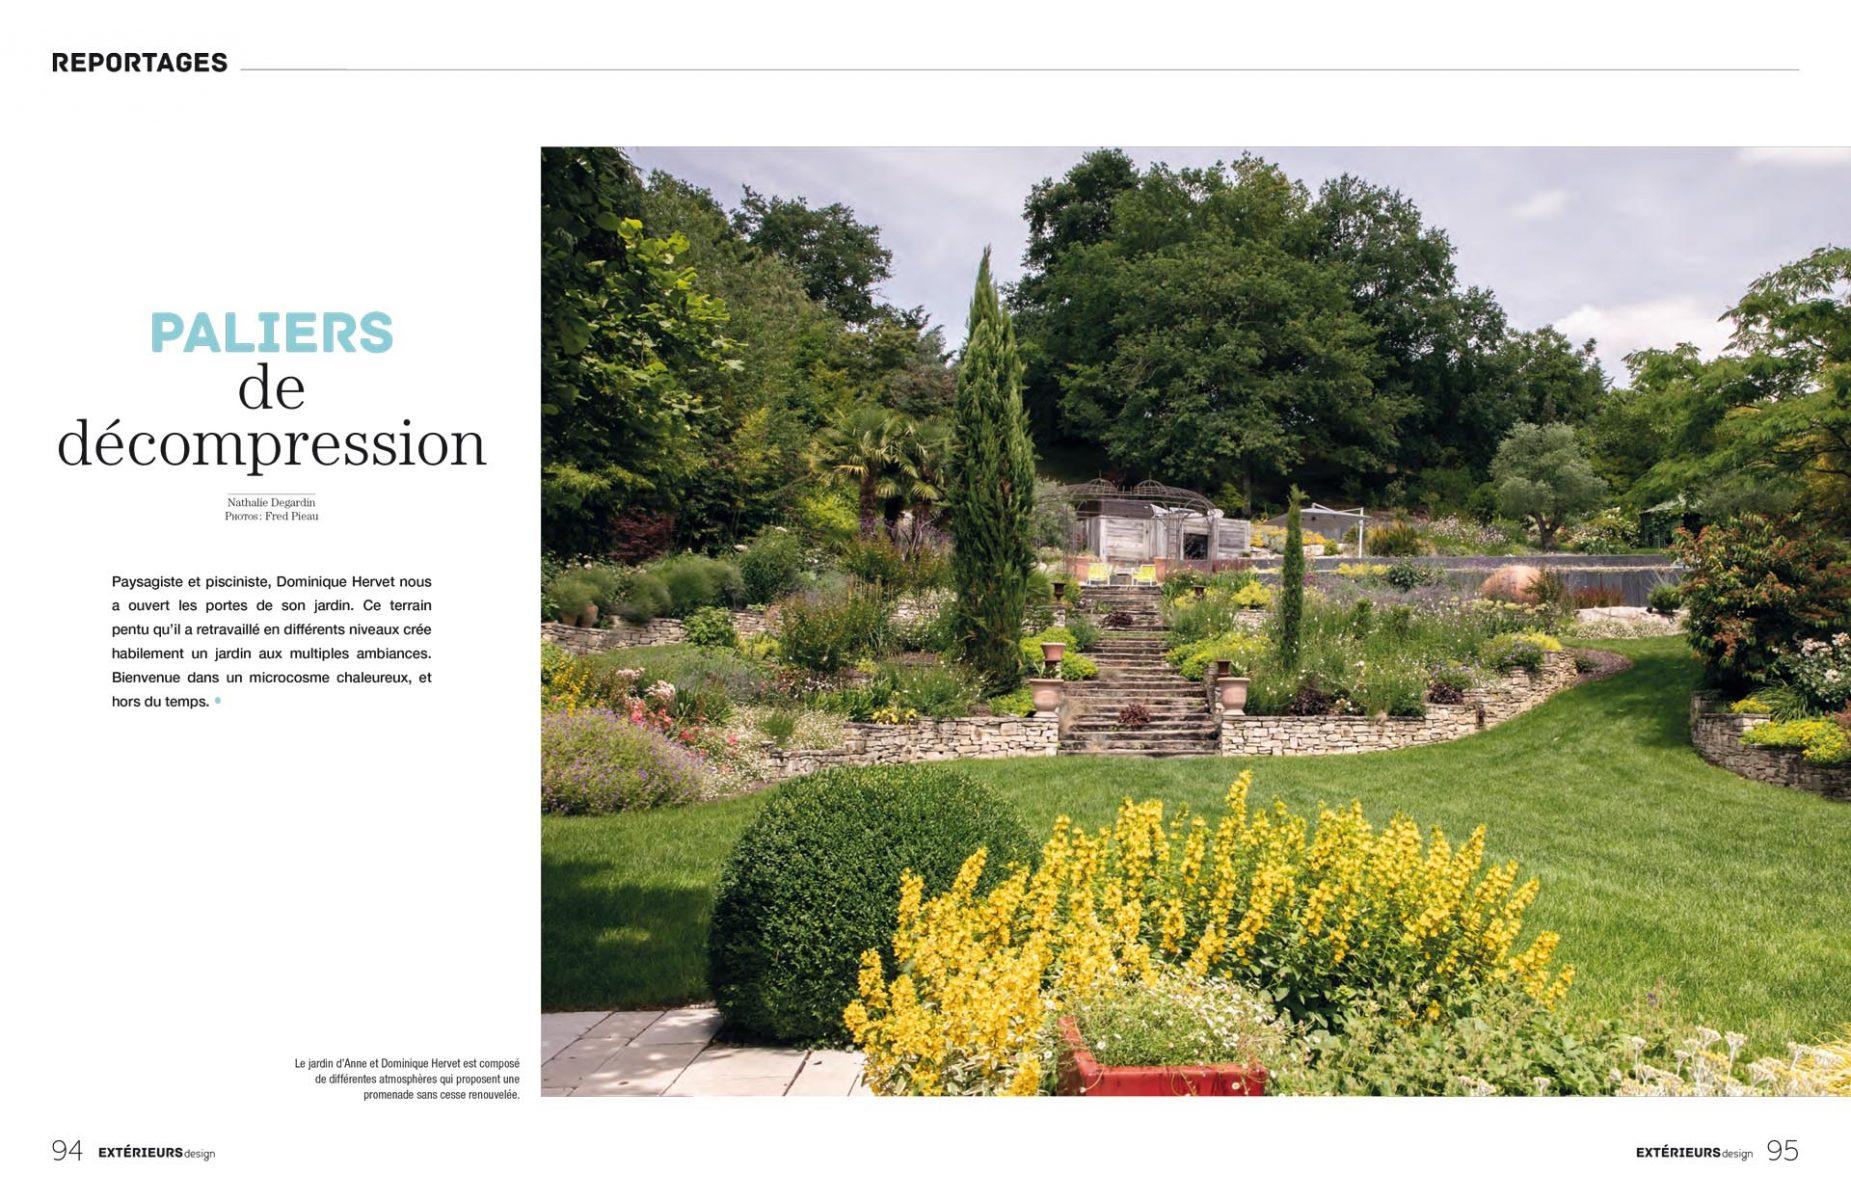 Officiel-Reportage-ADH-Paysages-Exterieur-Design-jardins-piscines-spas-2018